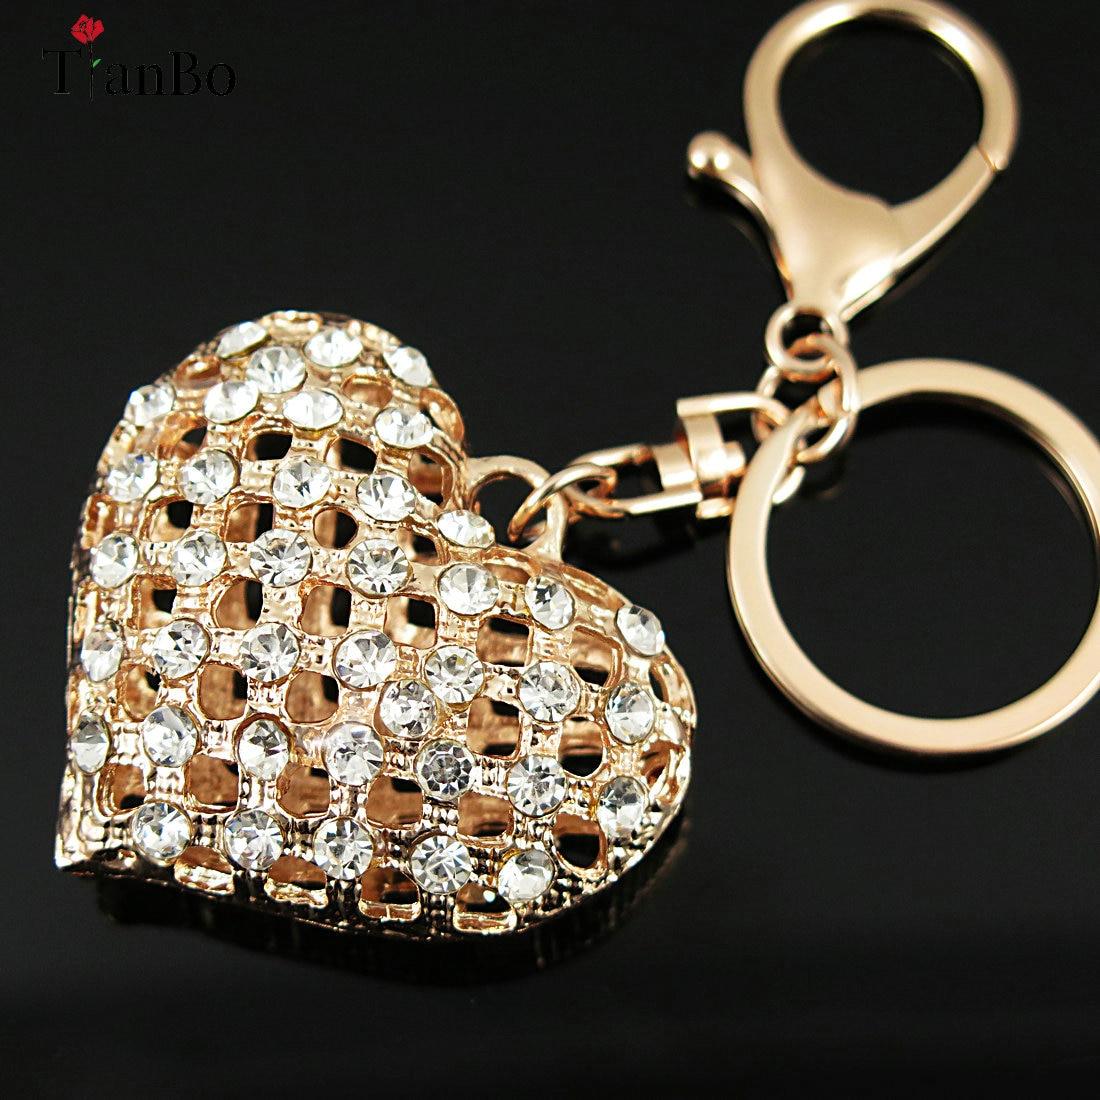 Брелок для ключей TianBo, брелок из сплава с кристаллами и стразами в форме сердца для женщин